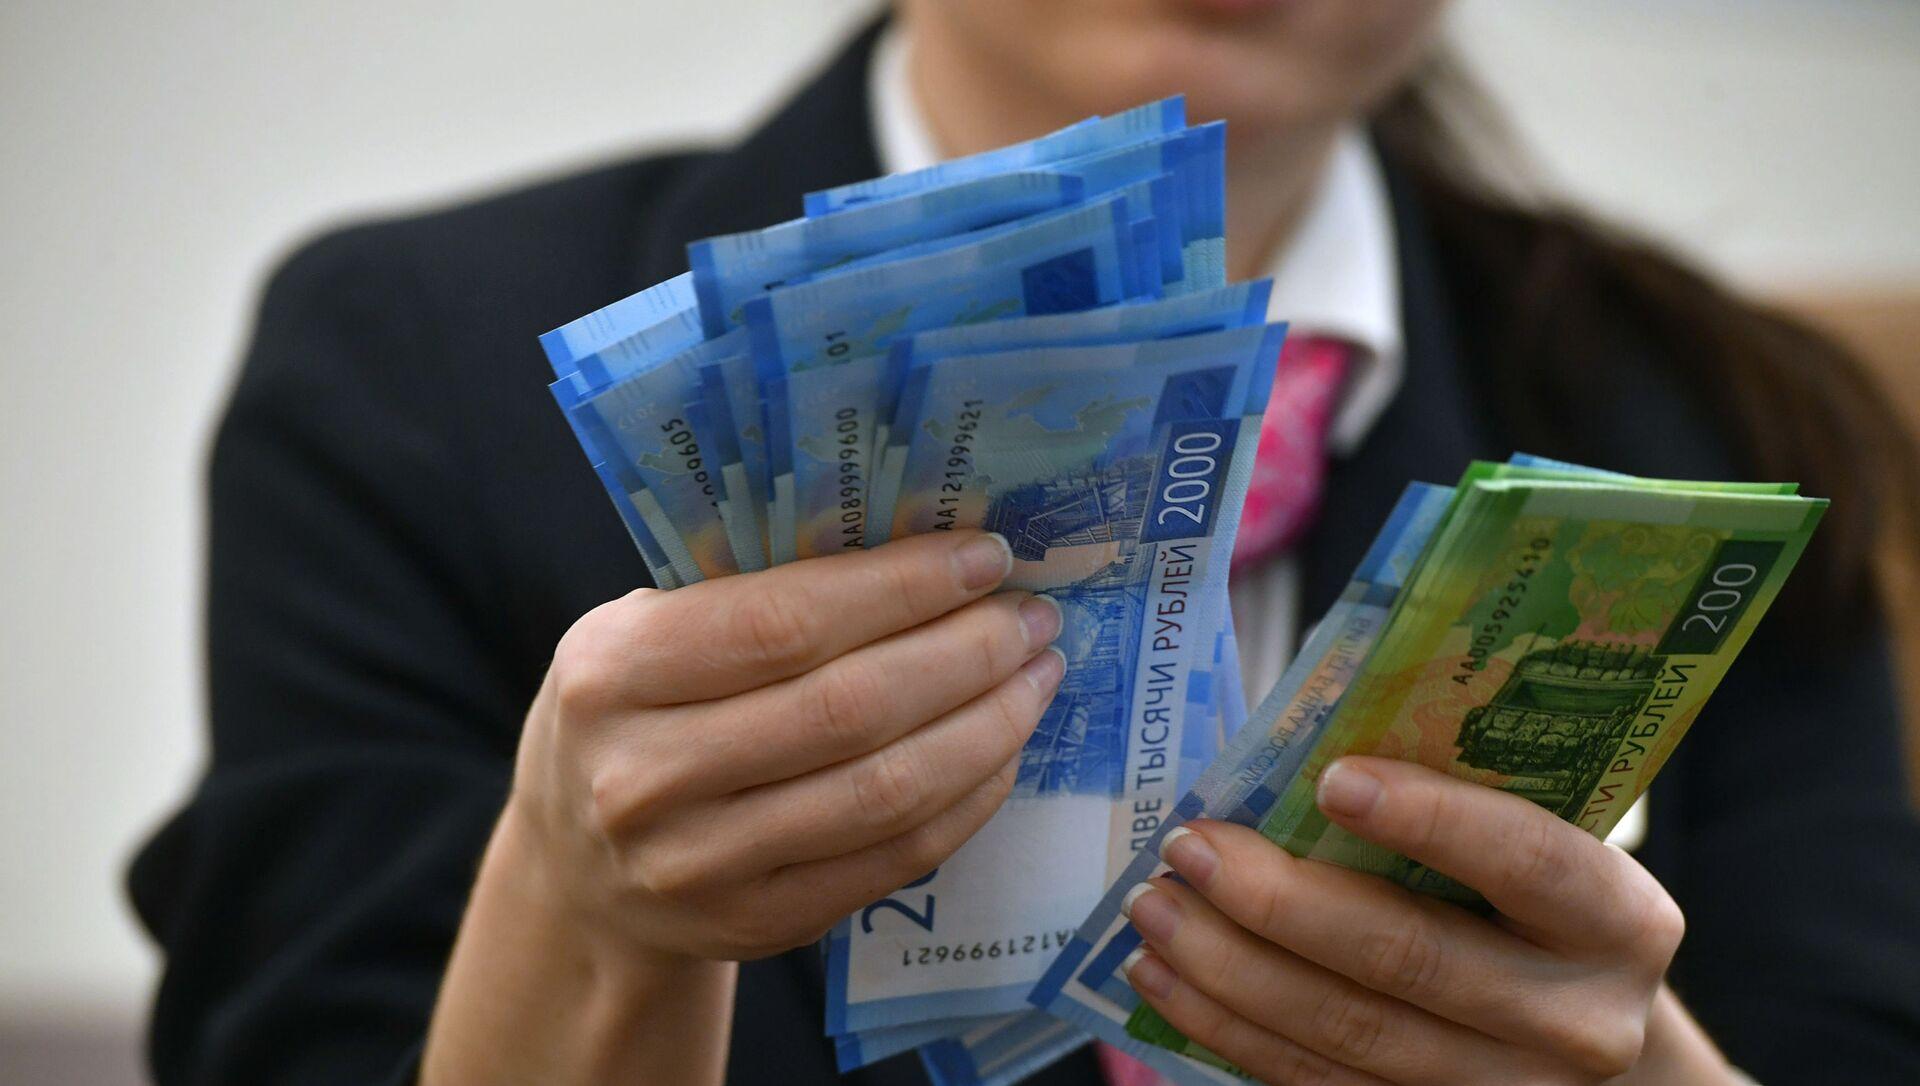 Сотрудница банка пересчитывает денежные купюры - Sputnik Южная Осетия, 1920, 10.10.2021